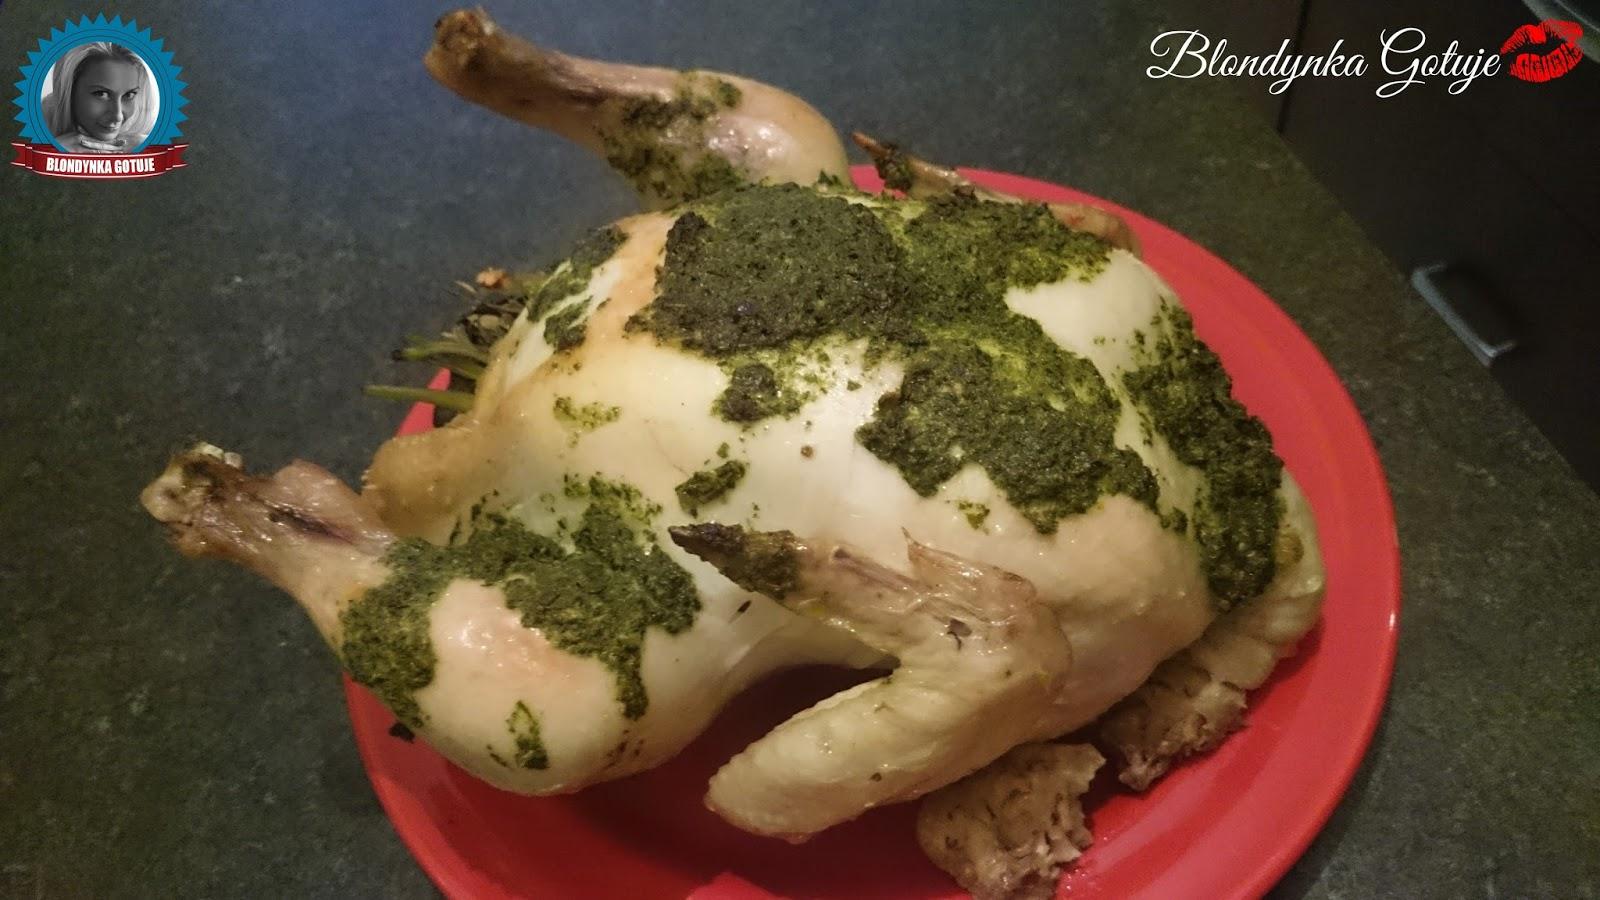 Pieczony Kurczak Z Maslem Ziolowym Blondynka Gotuje